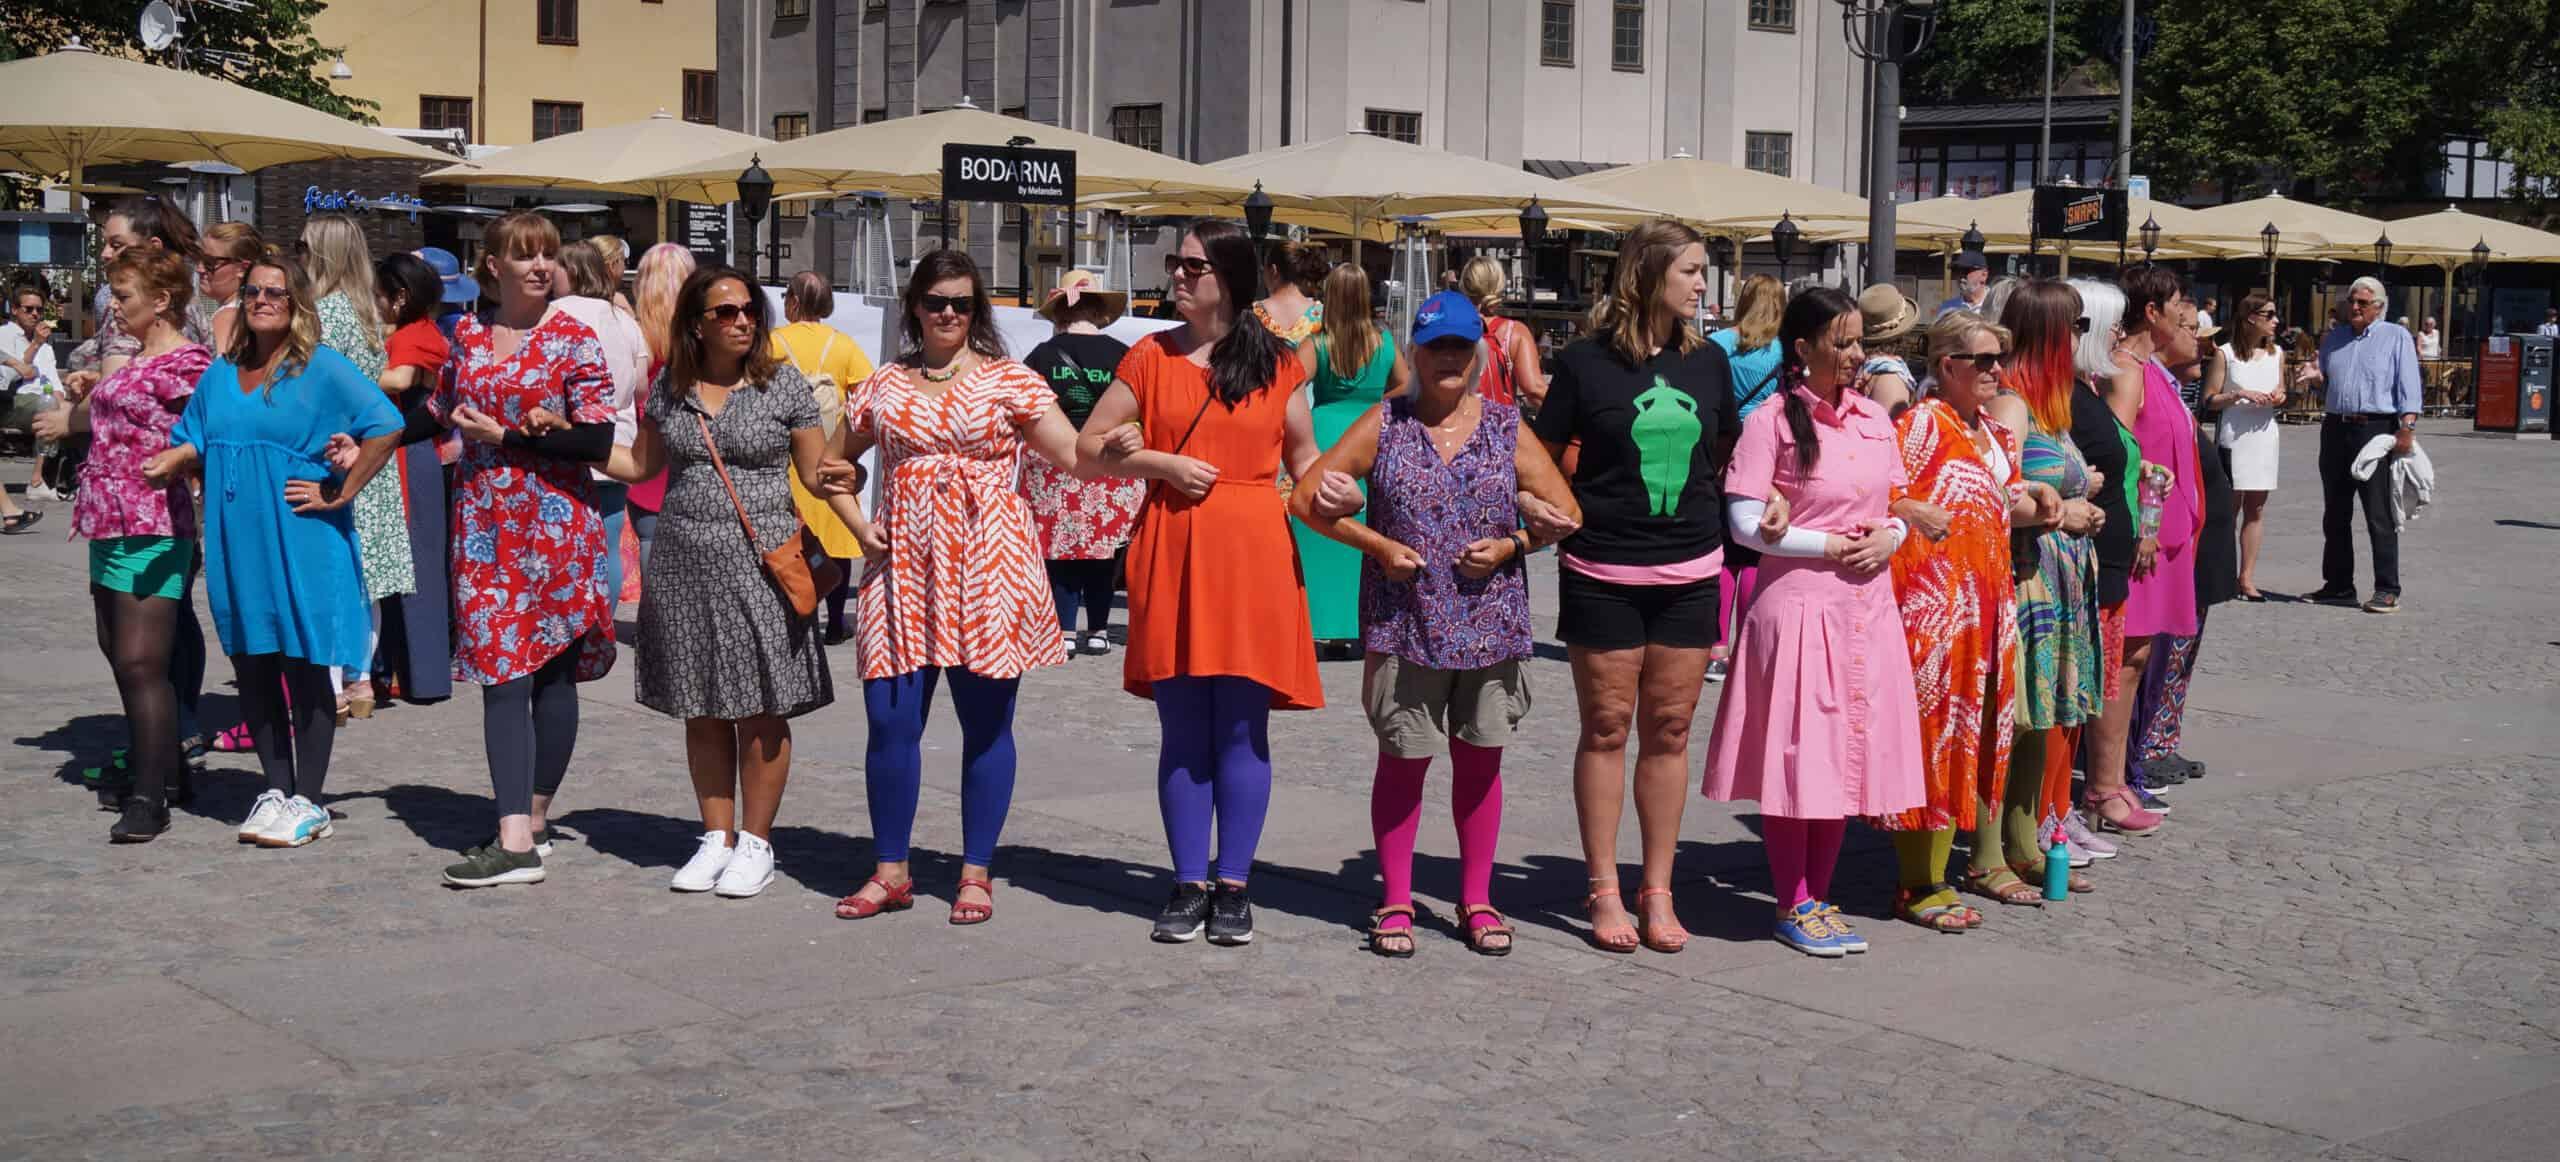 """Jenny Borg, ordförande SÖF Stockholm, i ring tillsammans med övriga demonstranter under Lipödemdemonstrationen 2018. Demonstrationen gick under parollen """"Mera färg och mindre skam"""" när man lever med lipödem."""